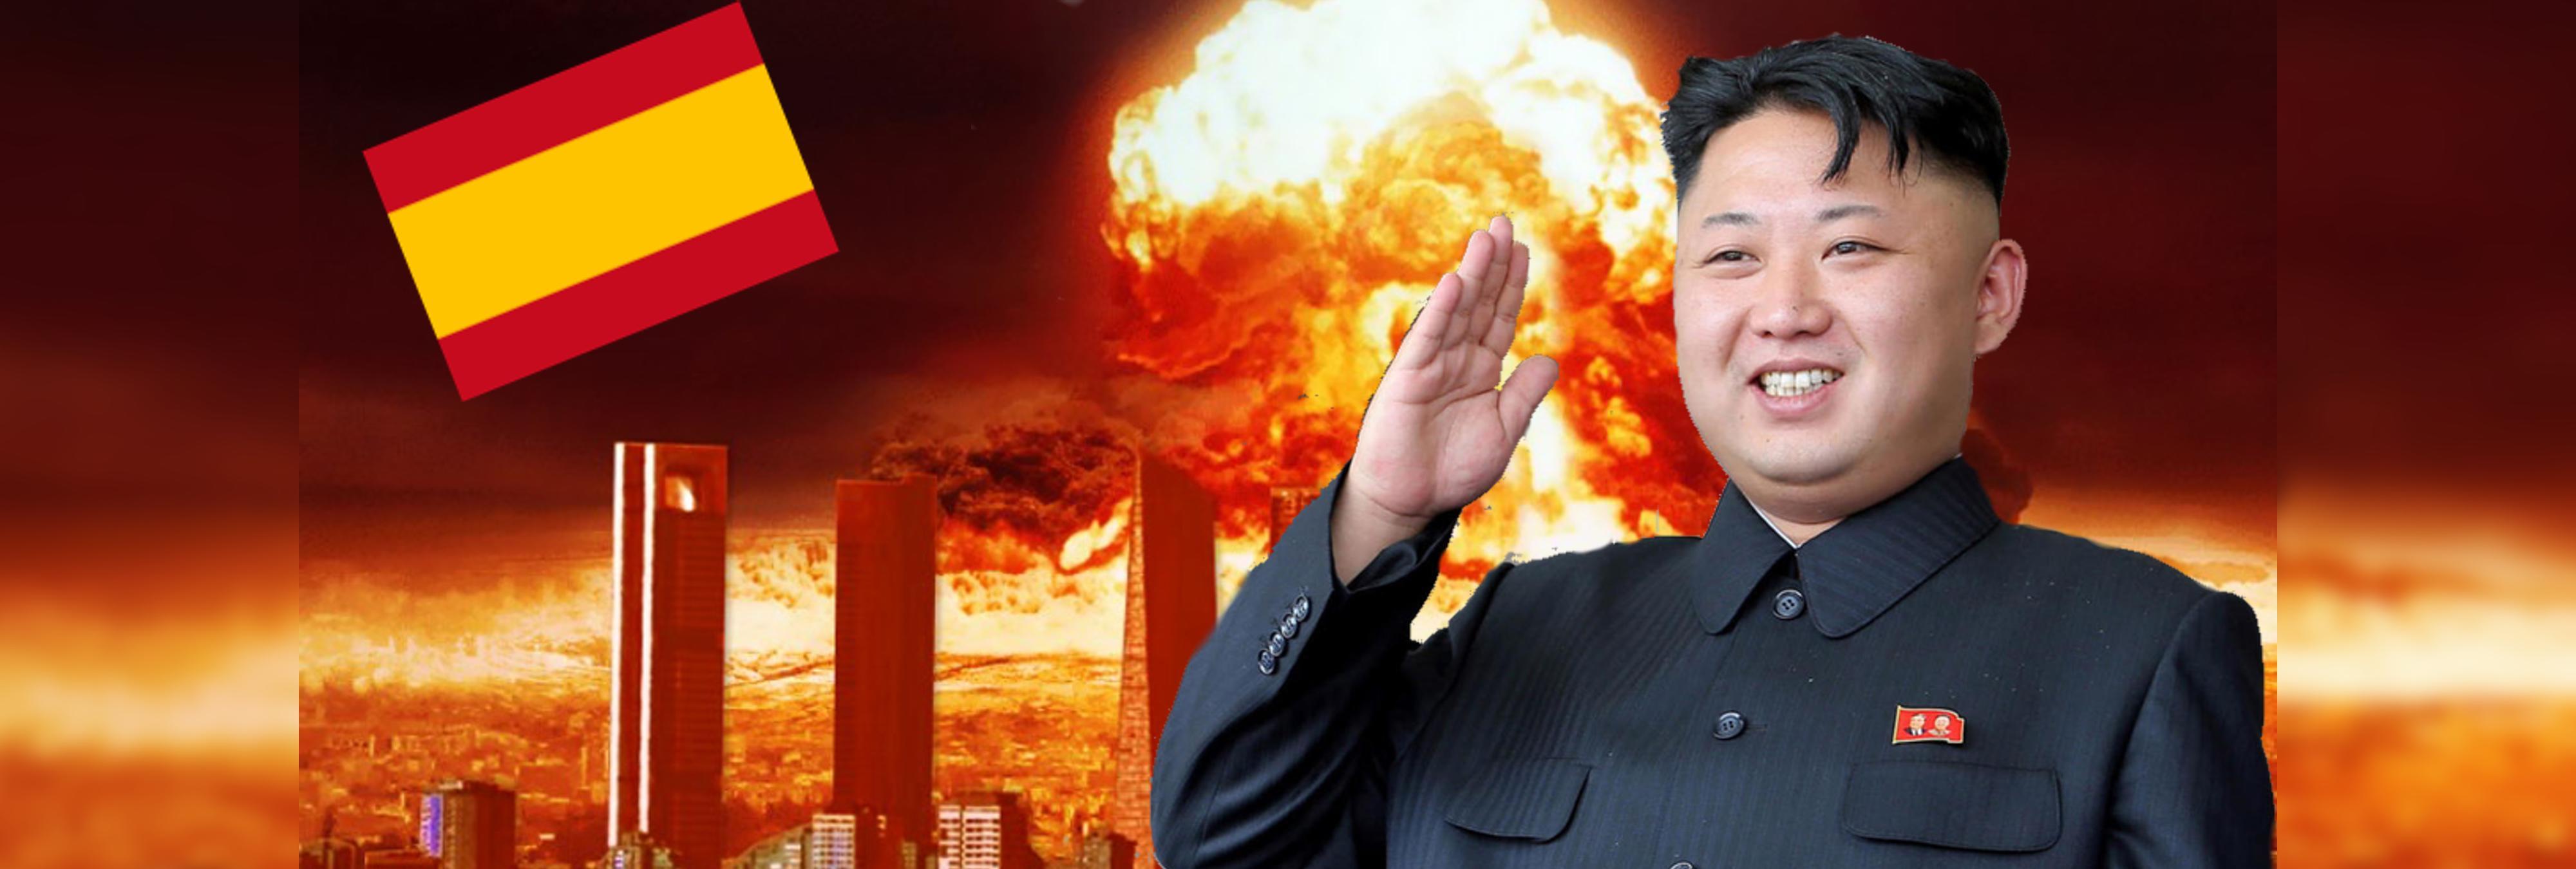 La bomba termonuclear de Corea del Norte podría atacar España en cuestión de minutos